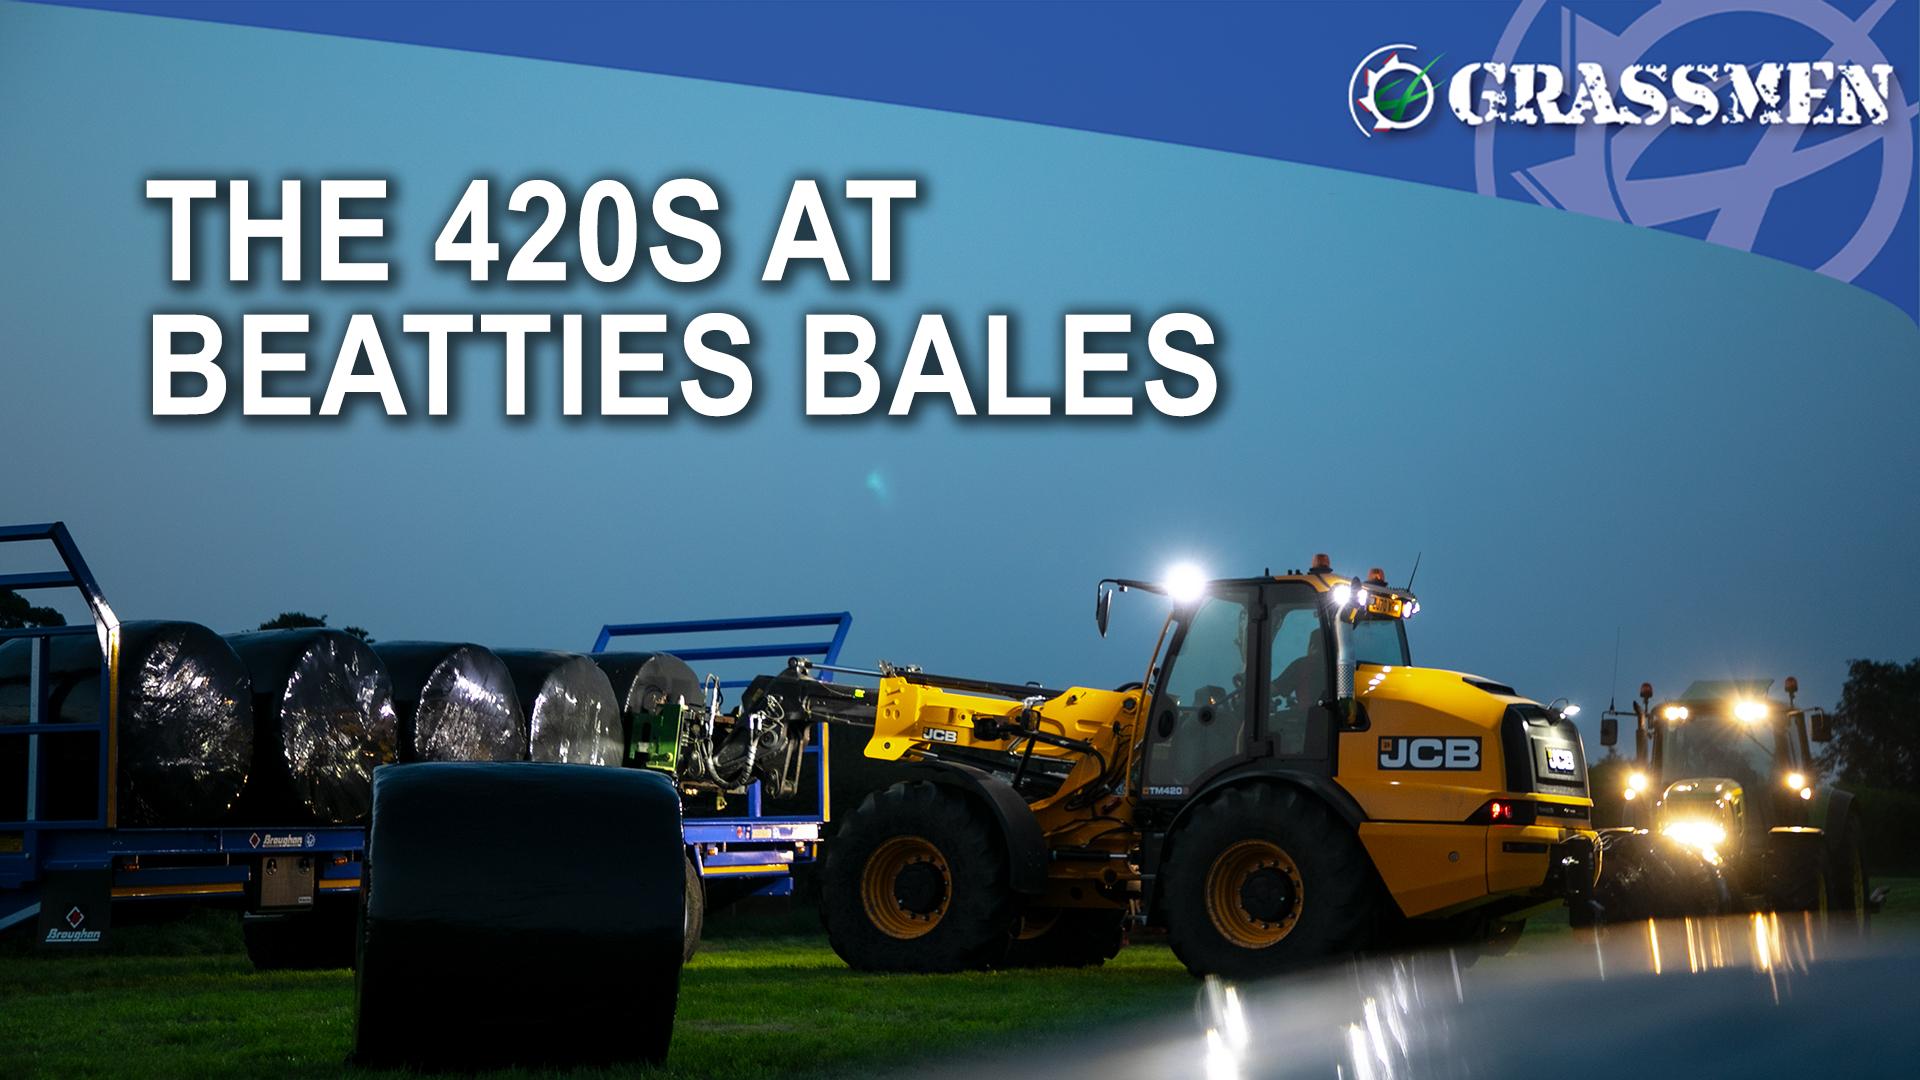 The 420S at Beatties bales